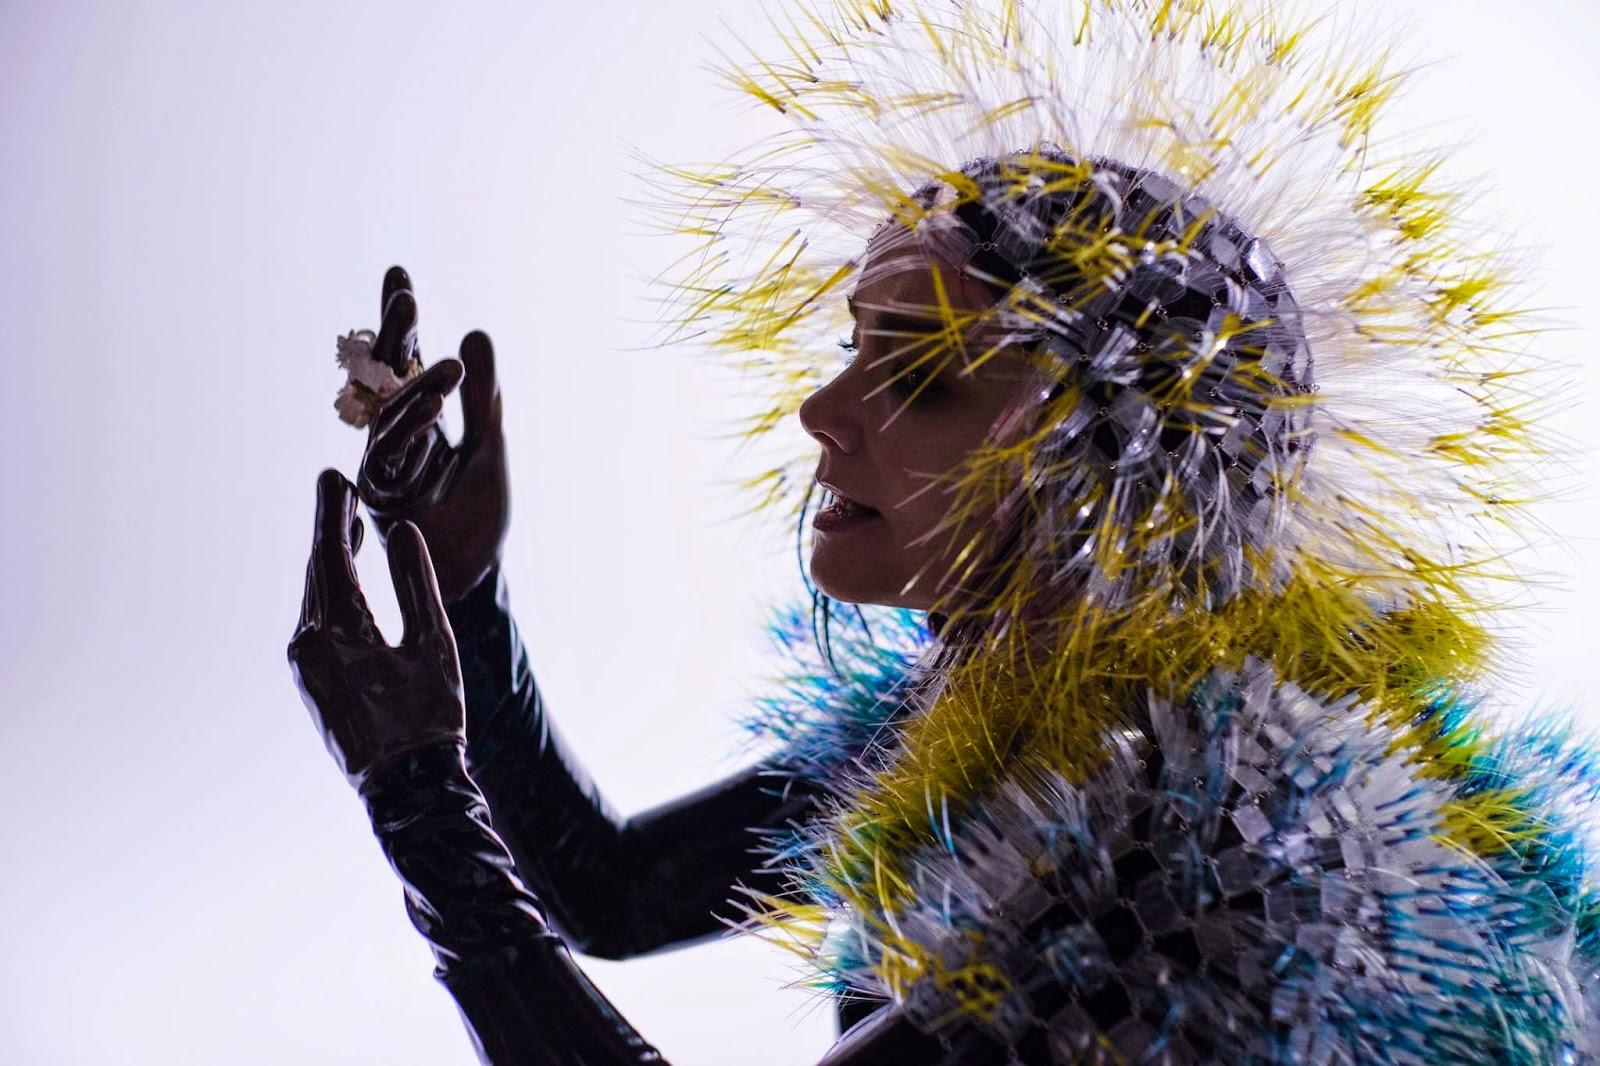 Björk - Emotional Landscapes